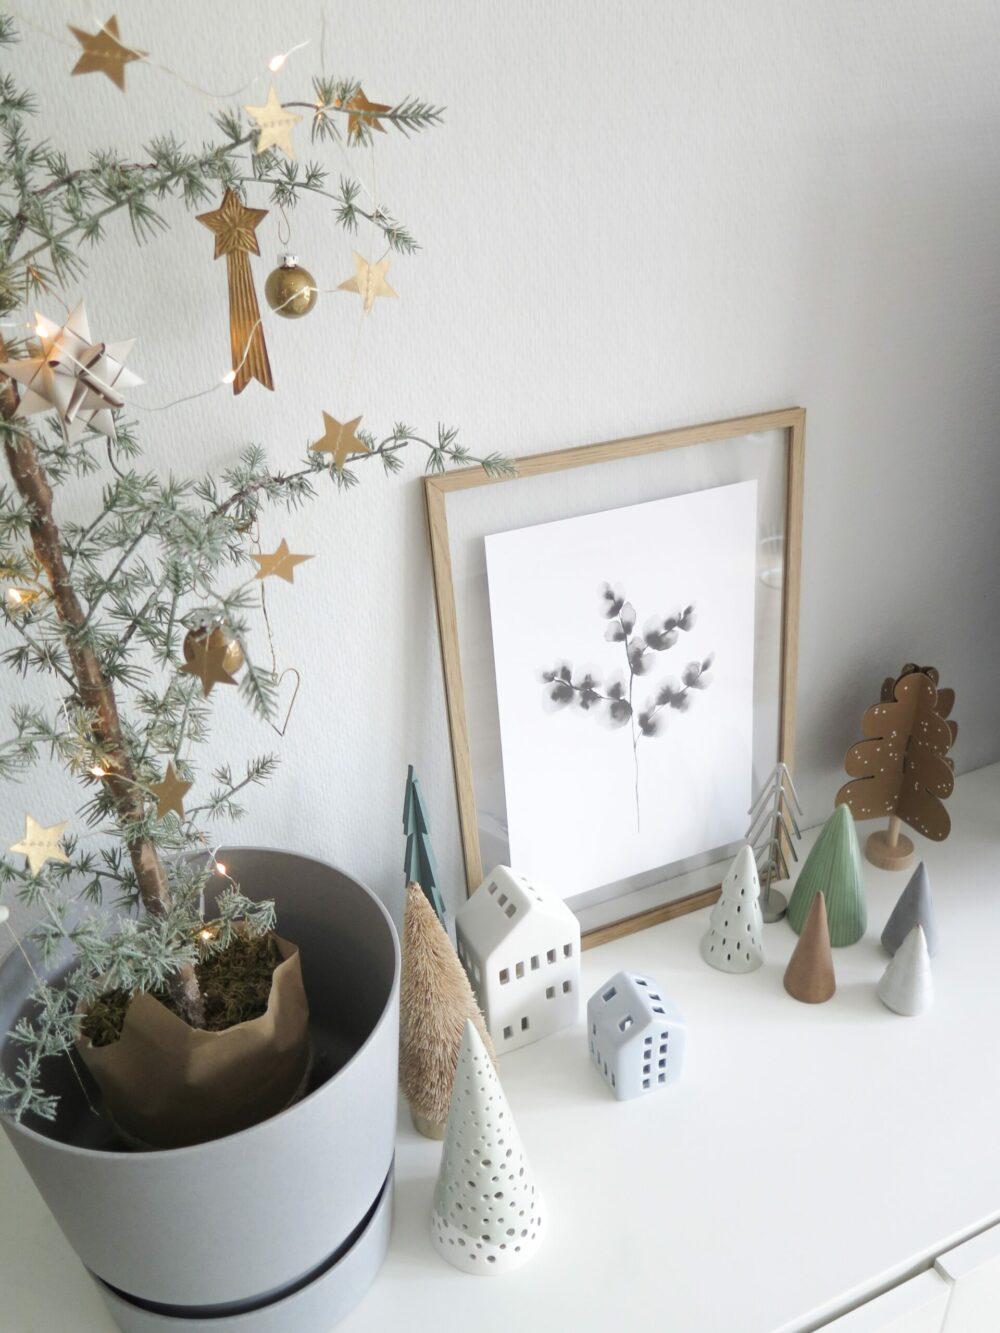 Een verzameling kerstboompjes